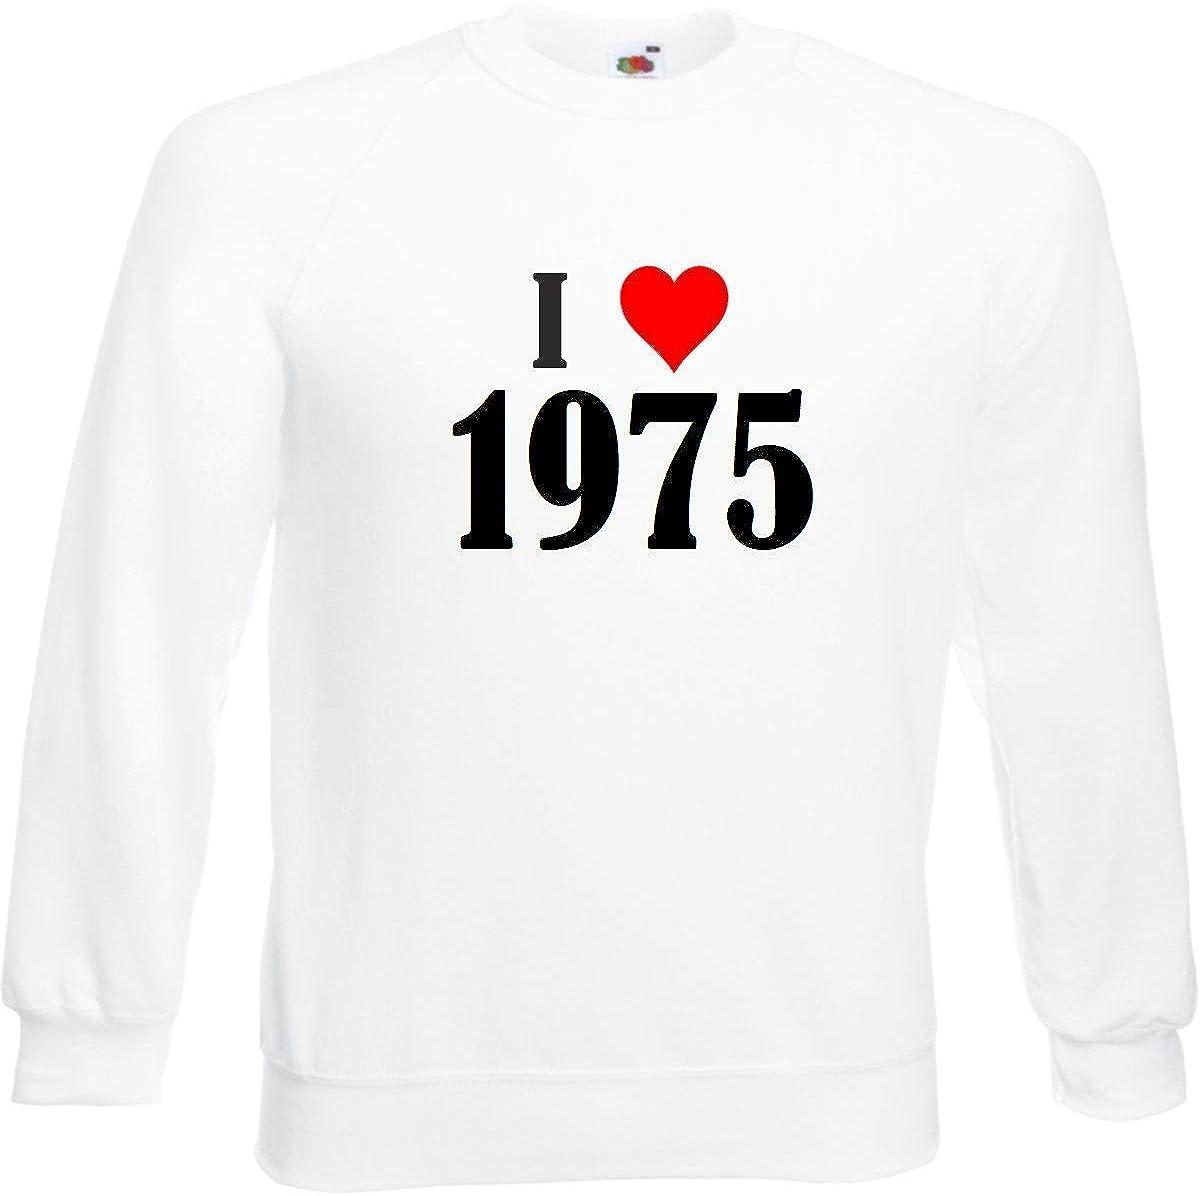 Reifen-Markt Chandail Sweat-Shirt I Love 1975 pour Les Hommes Femmes et Enfants in Blanc Le Cadeau de No/ël id/éal